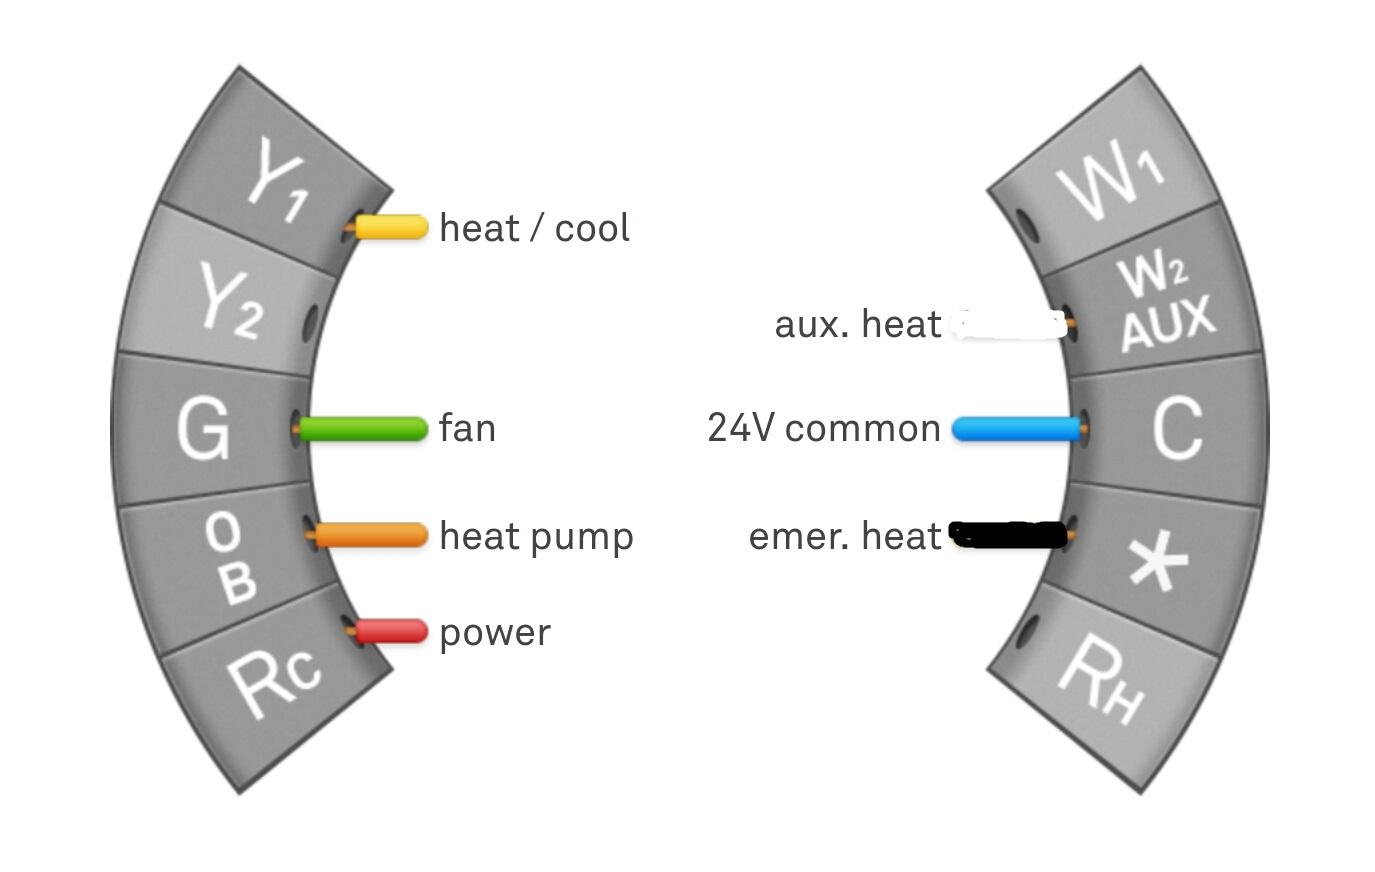 nest radiant heat wiring diagram wiring diagram blog nest thermostat heat pump wiring diagram heat pump [ 1375 x 872 Pixel ]